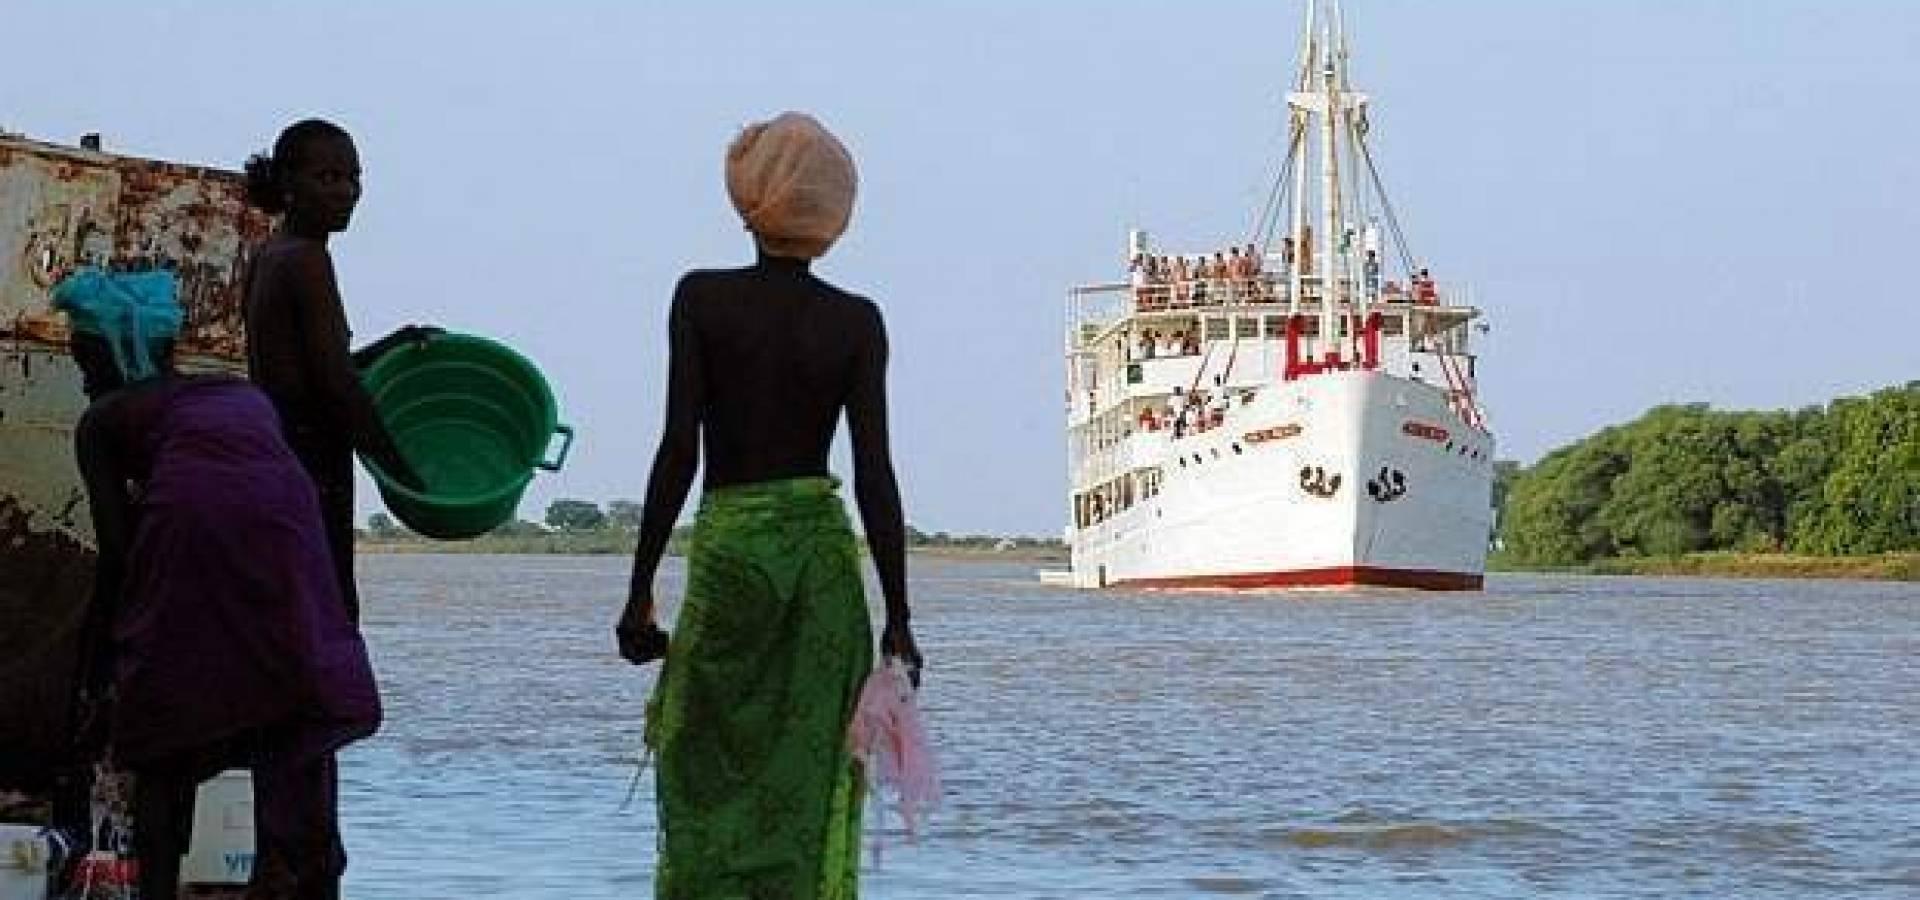 Senegal - Dakar & Isla de Gorée + Crucero Bou El Mogdad